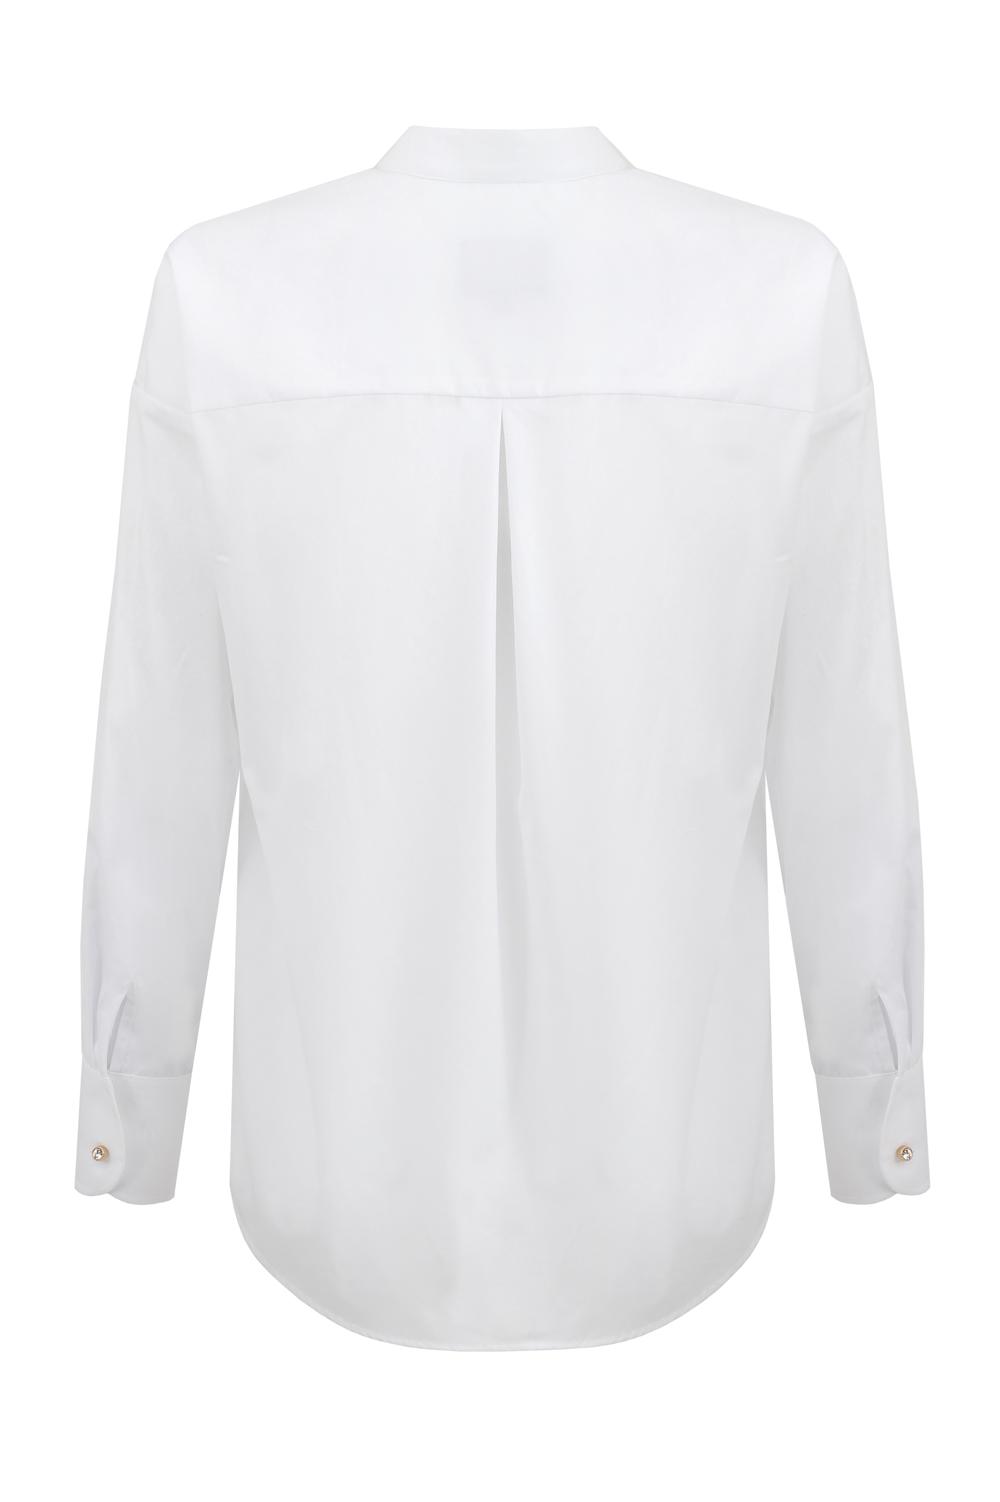 biała koszula overize